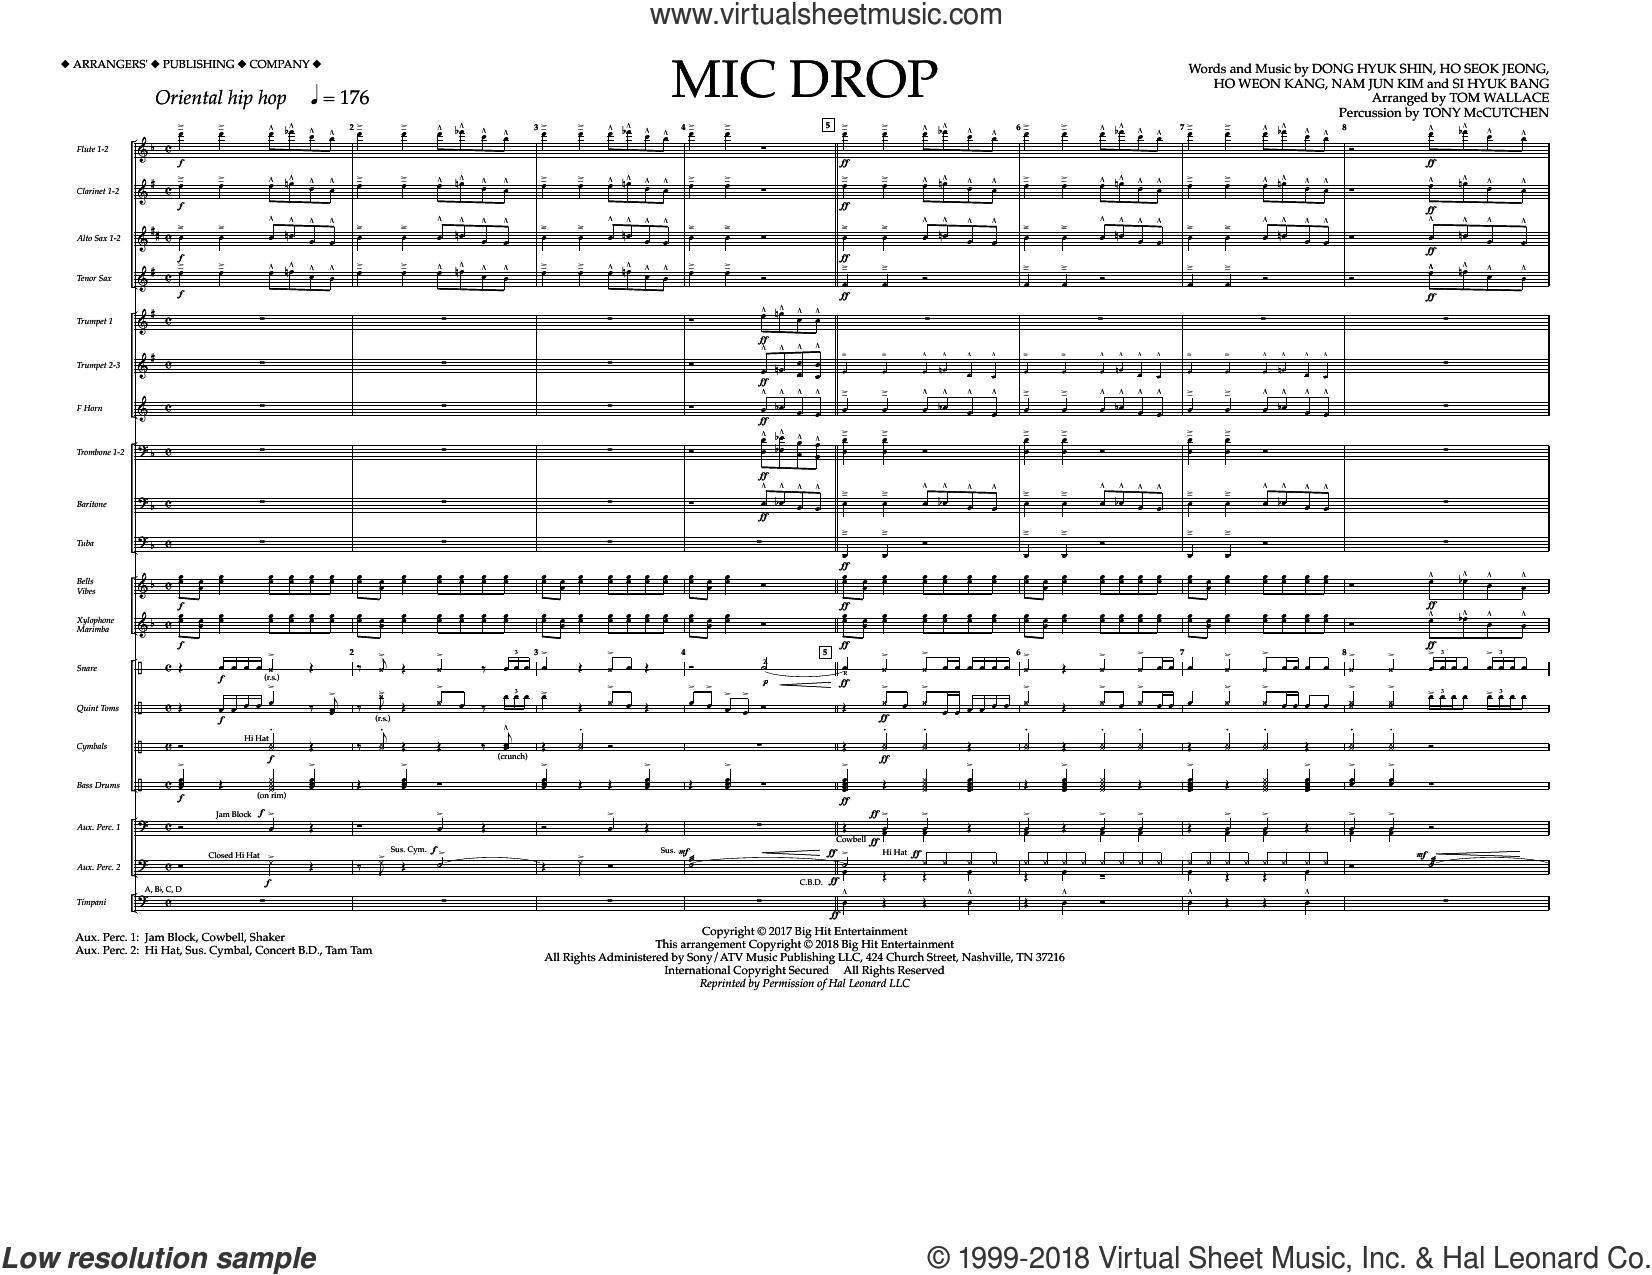 Mic Drop (COMPLETE) sheet music for marching band by Tom Wallace, BTS, Dong Hyuk Shin, Ho Seok Jeong, Ho Weon Kang, Nam Jun Kim and Si Hyuk Bang, intermediate skill level